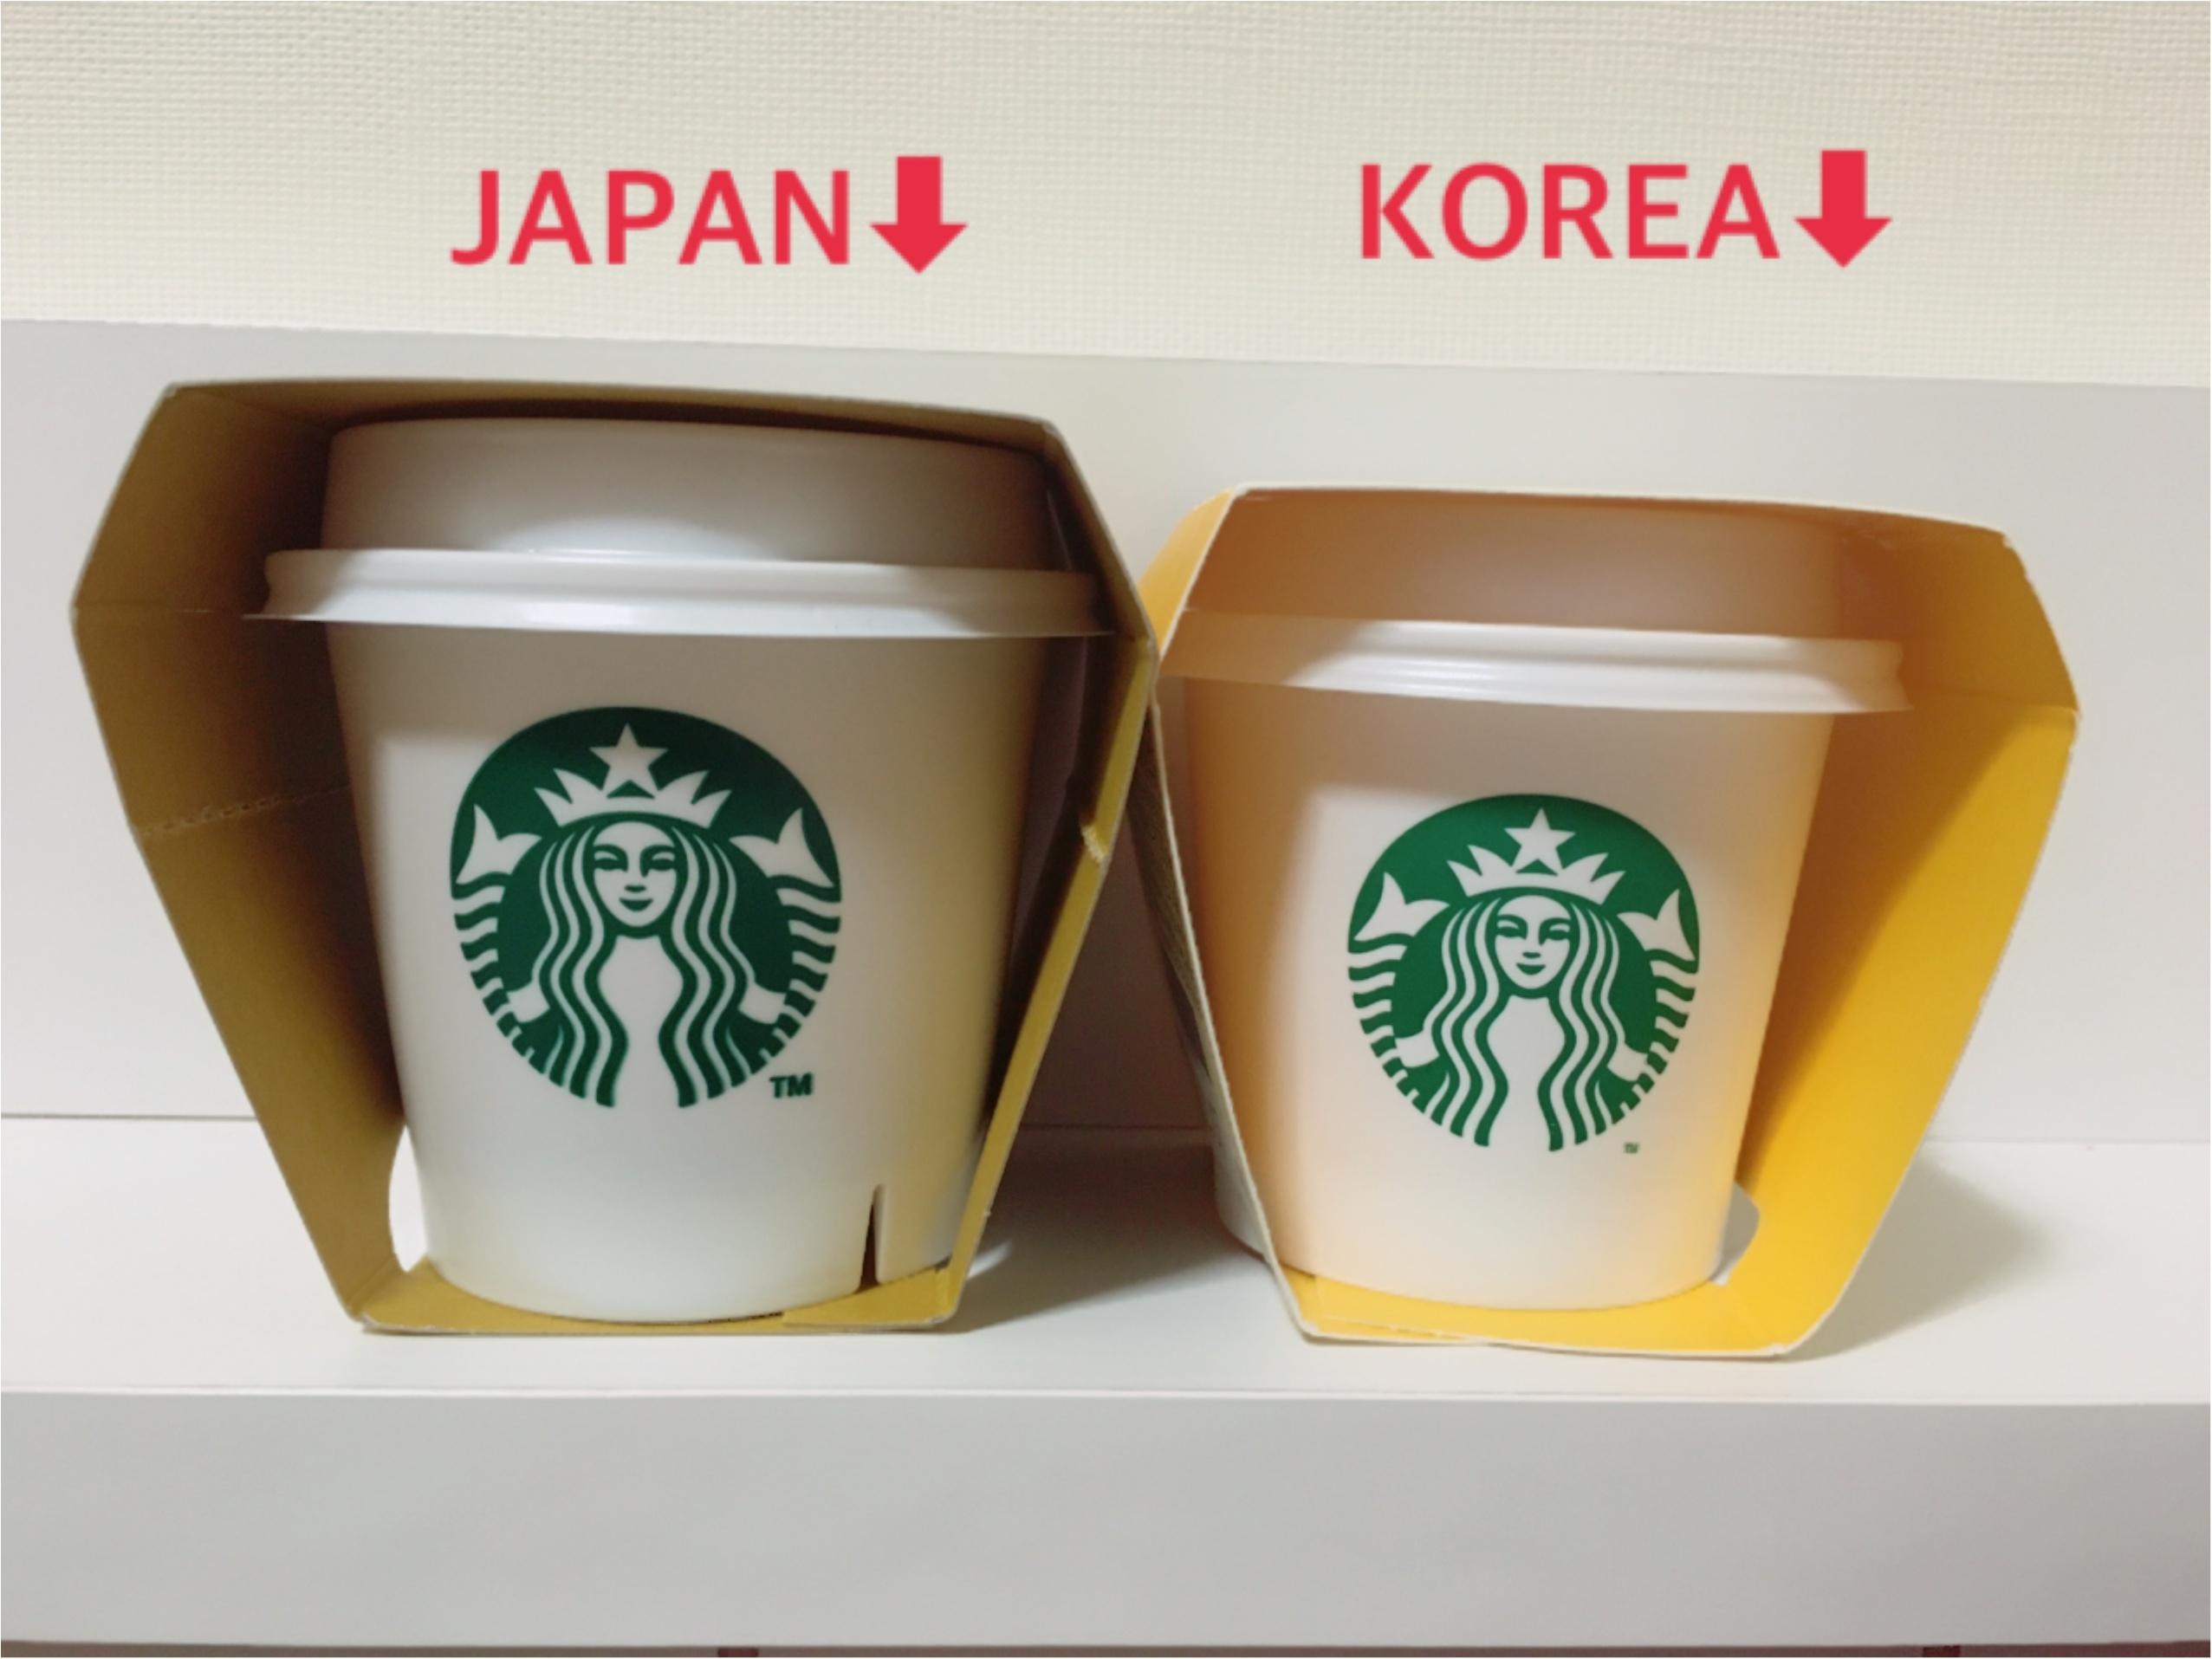 売れ切れ続出!?日本に初上陸!韓国限定だったプリンがついに日本でも♡韓国verと比べてみました♡_4